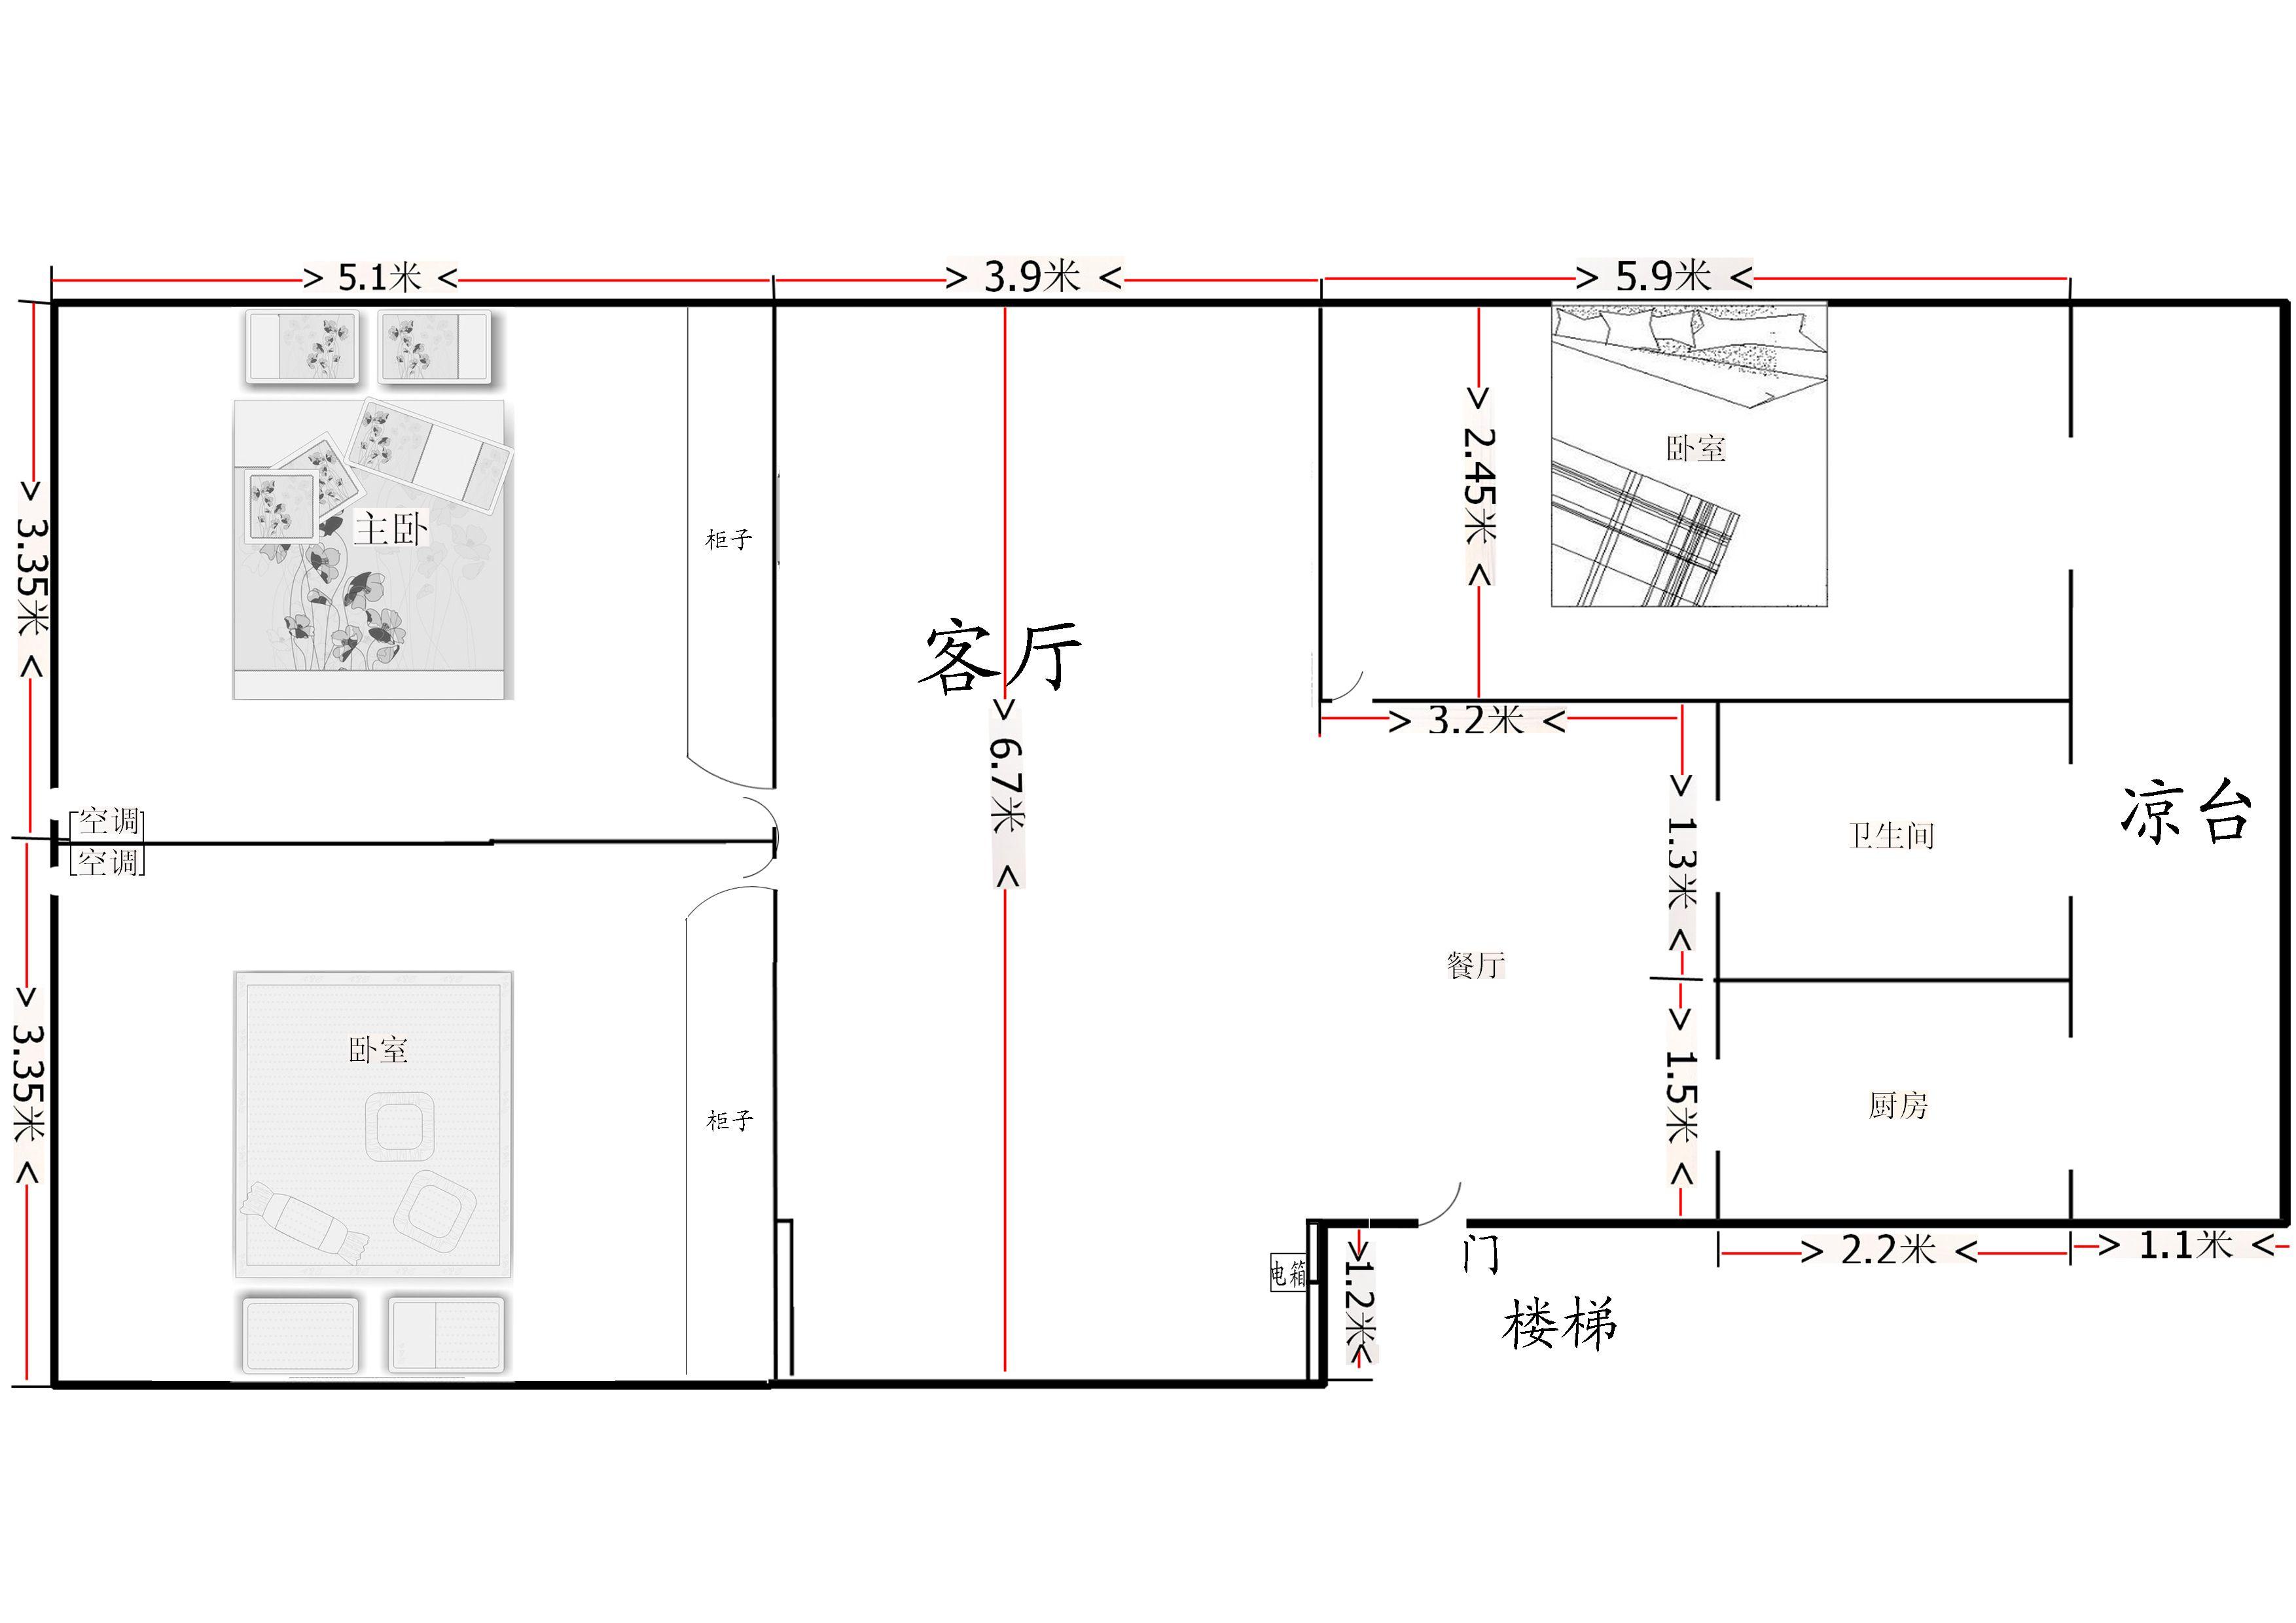 宽4米长15米多层设计图